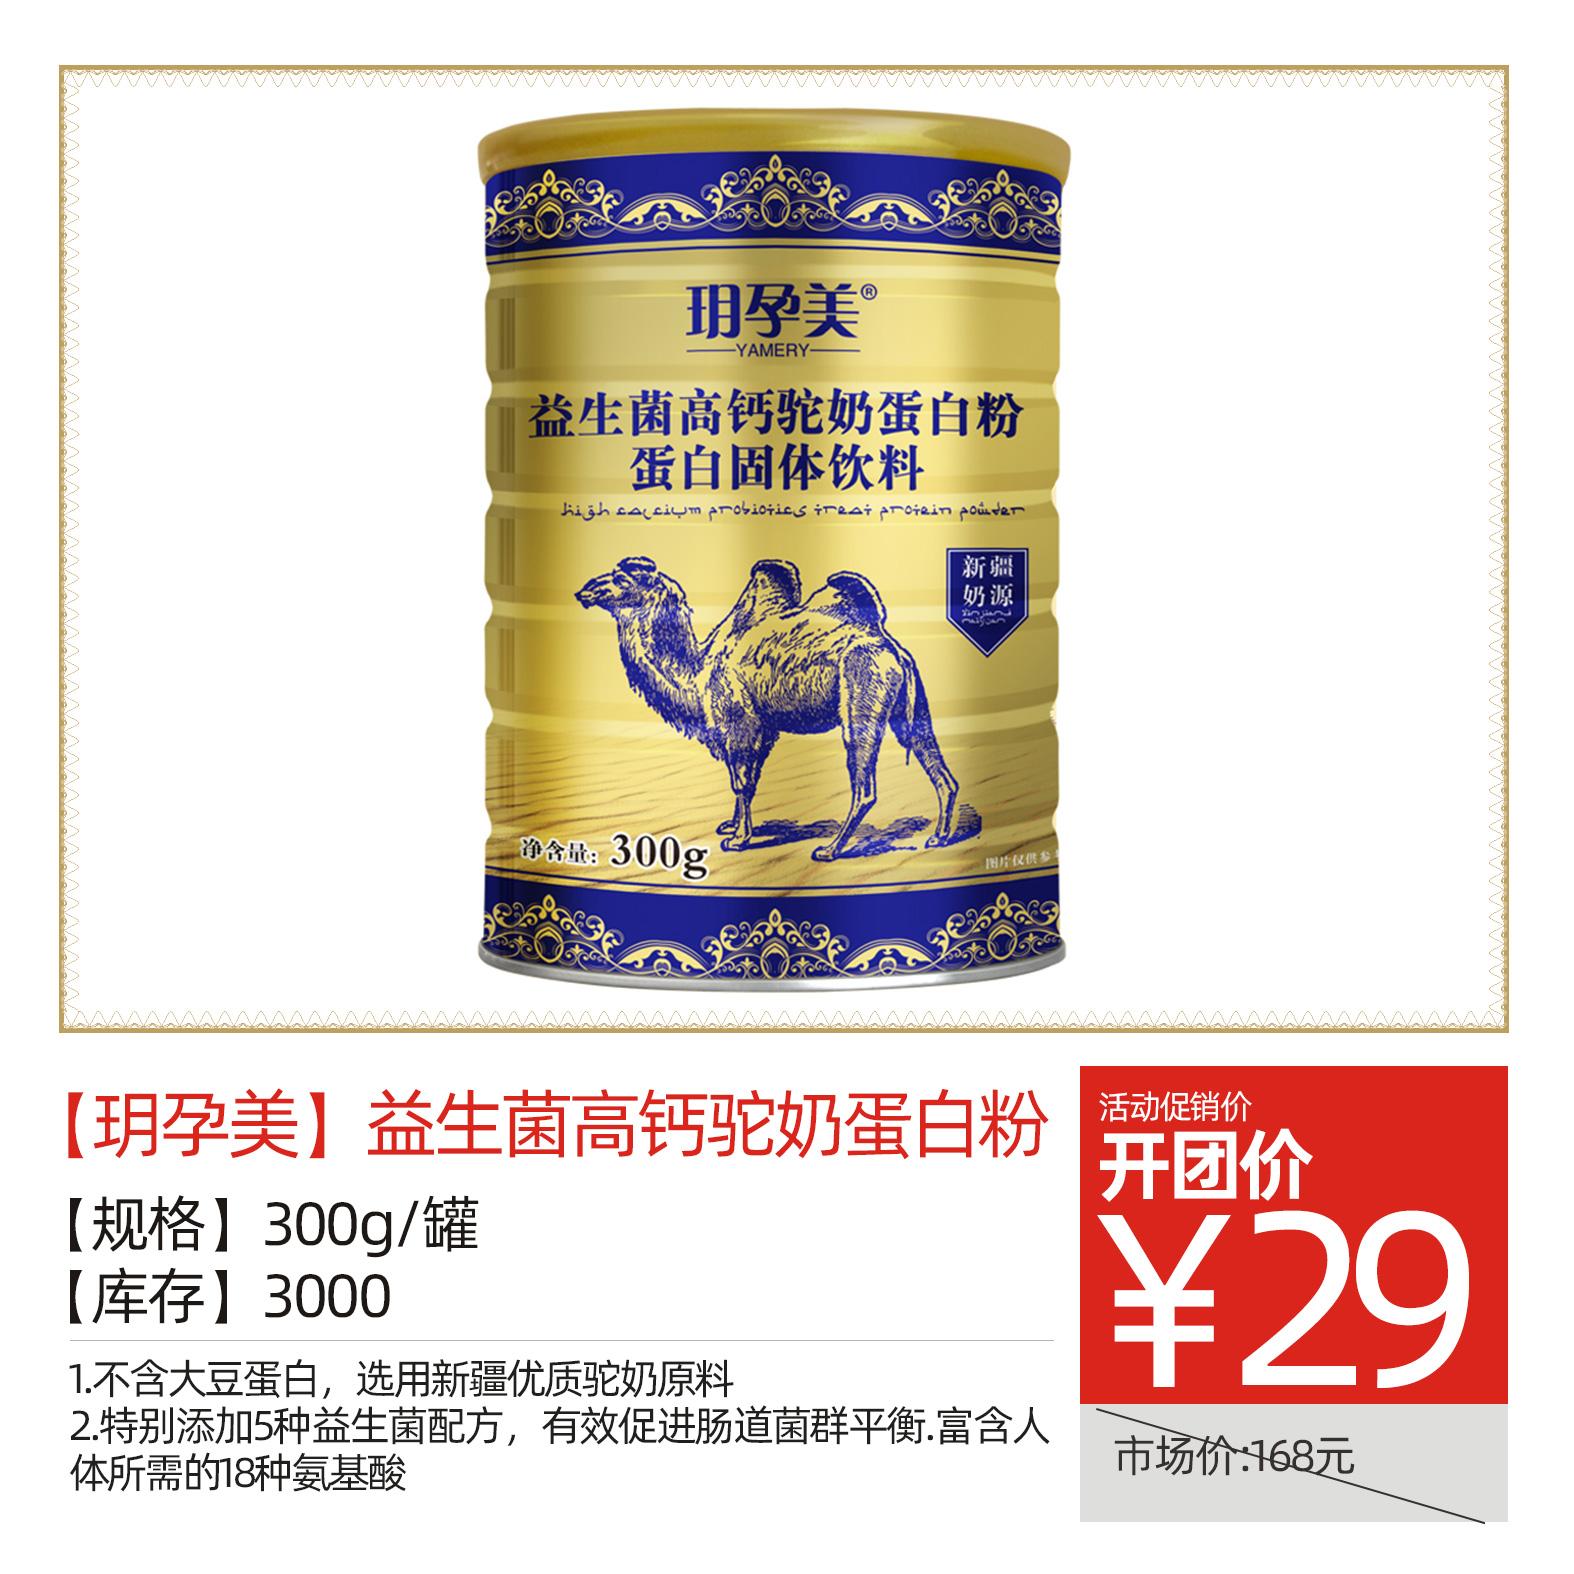 【玥孕美】益生菌高钙驼奶蛋白粉300g/罐